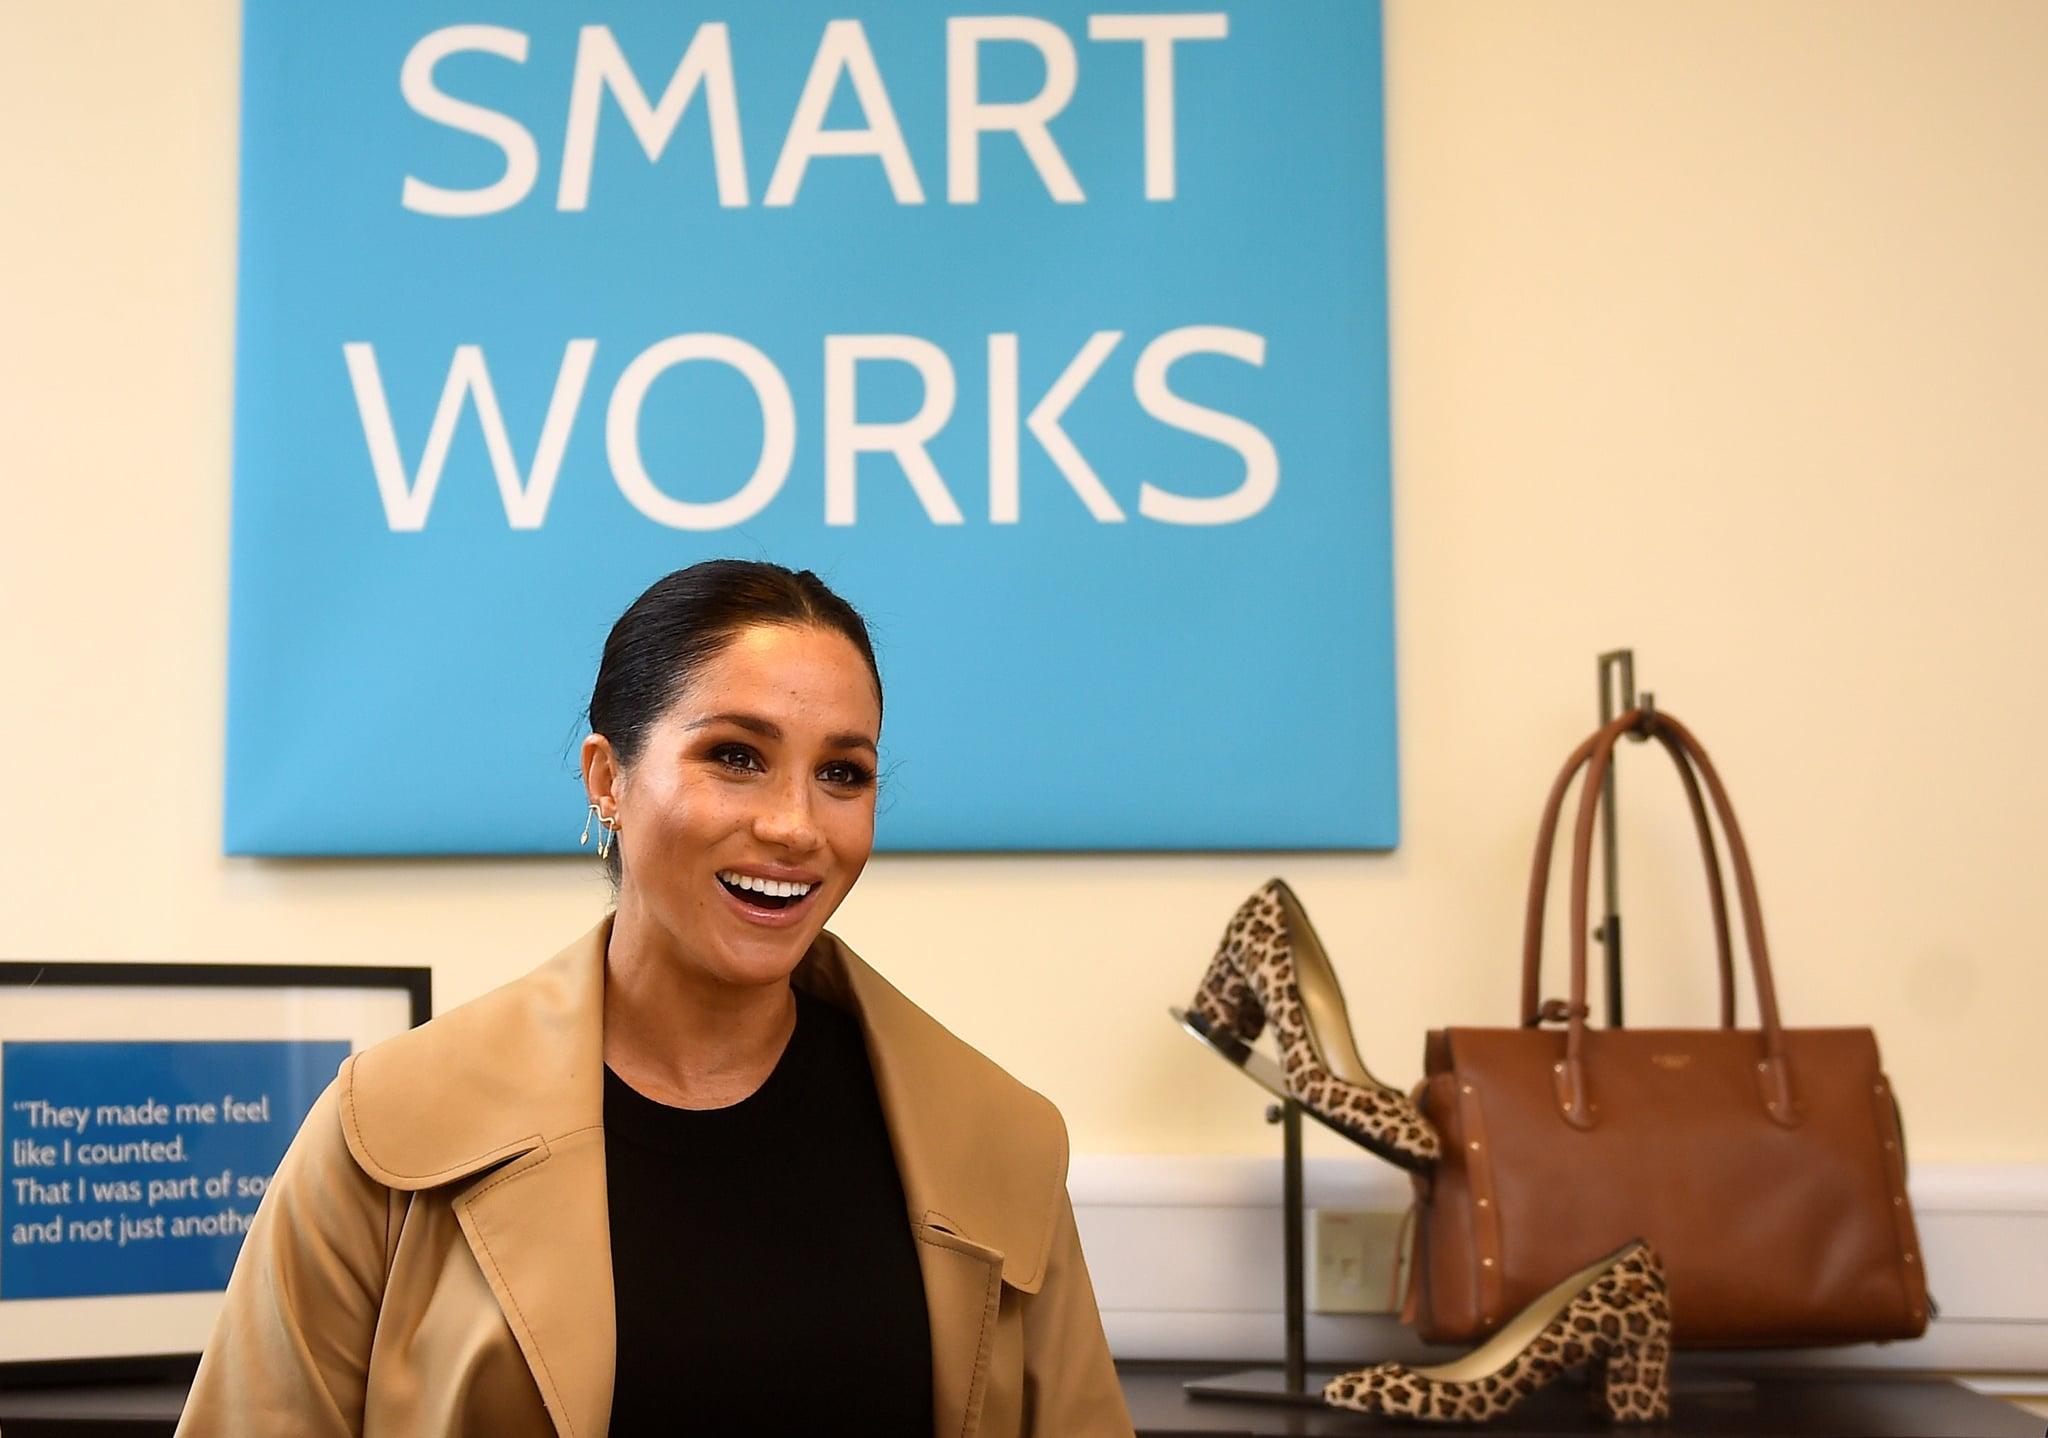 Meghan Markle đến thăm tổ chức từ thiện Smart Works